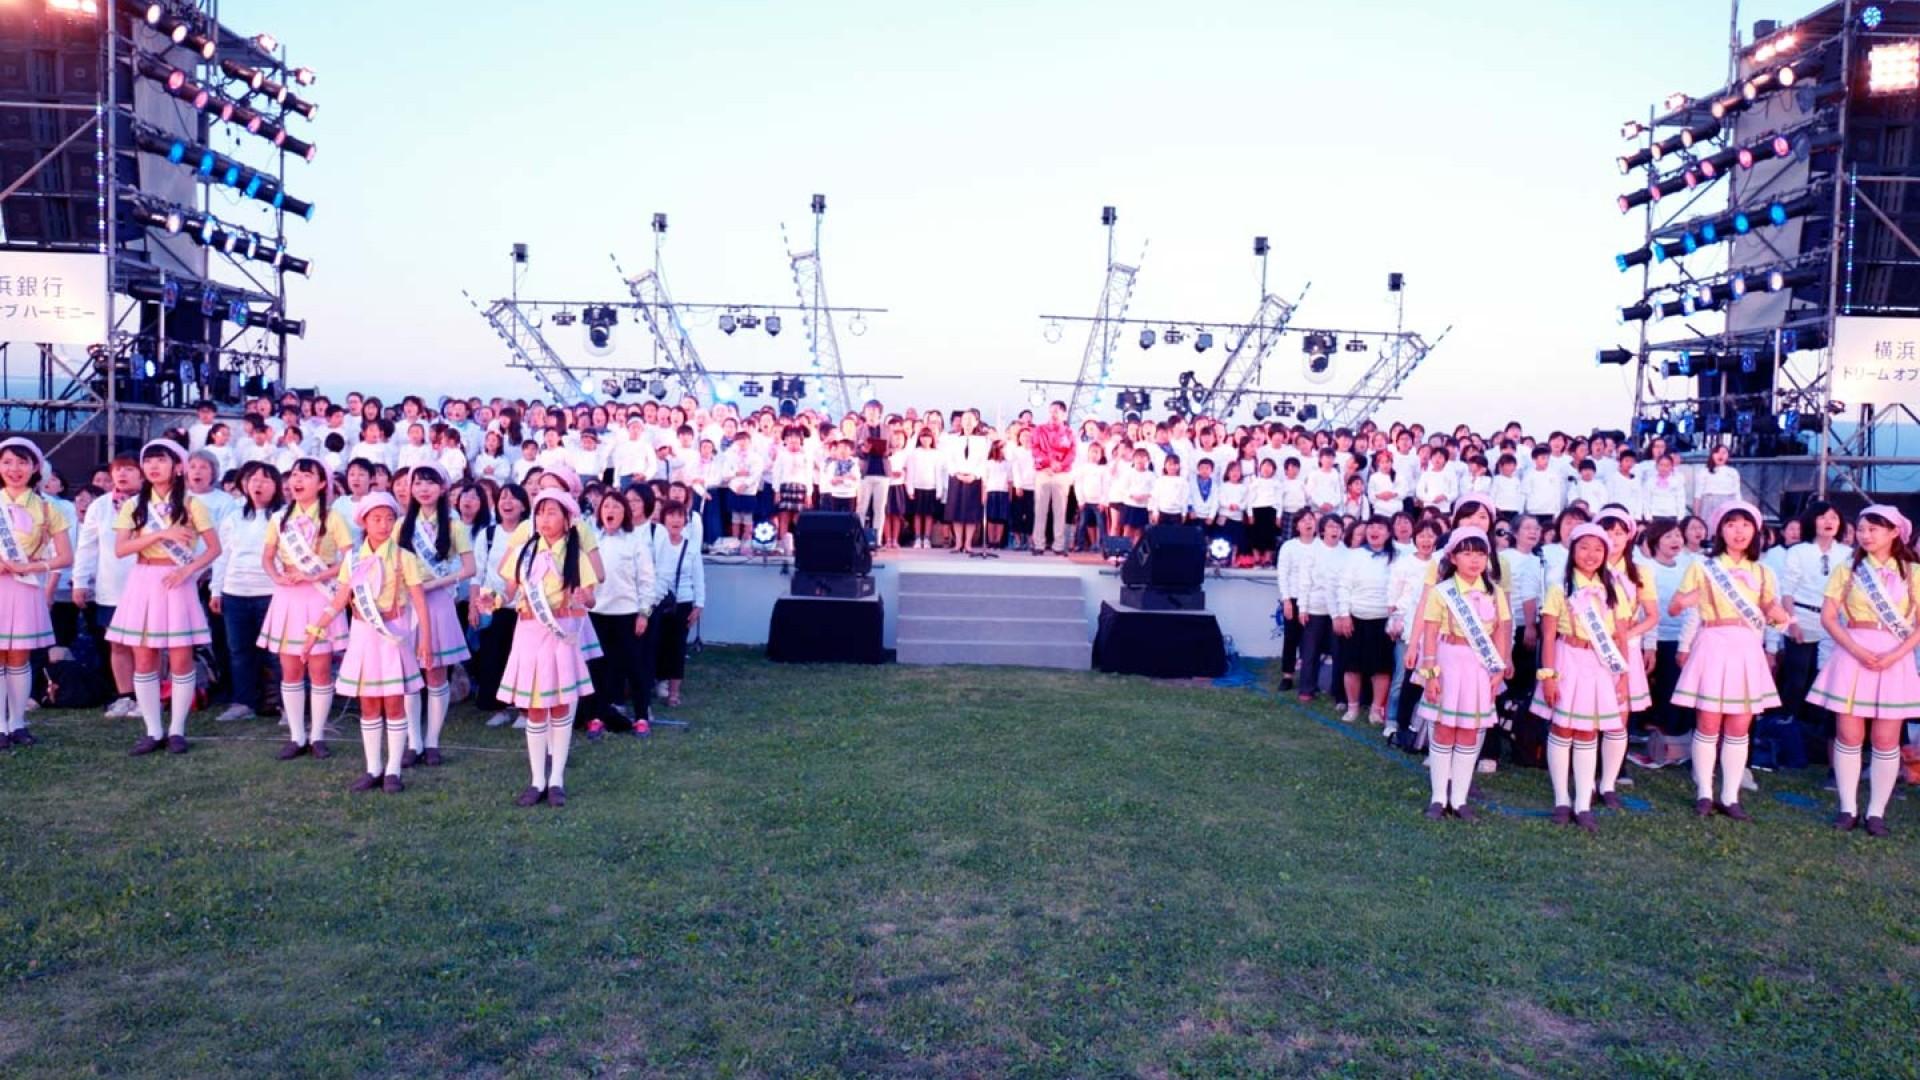 เทศกาลเปิดท่าเรือโยโกฮามะ